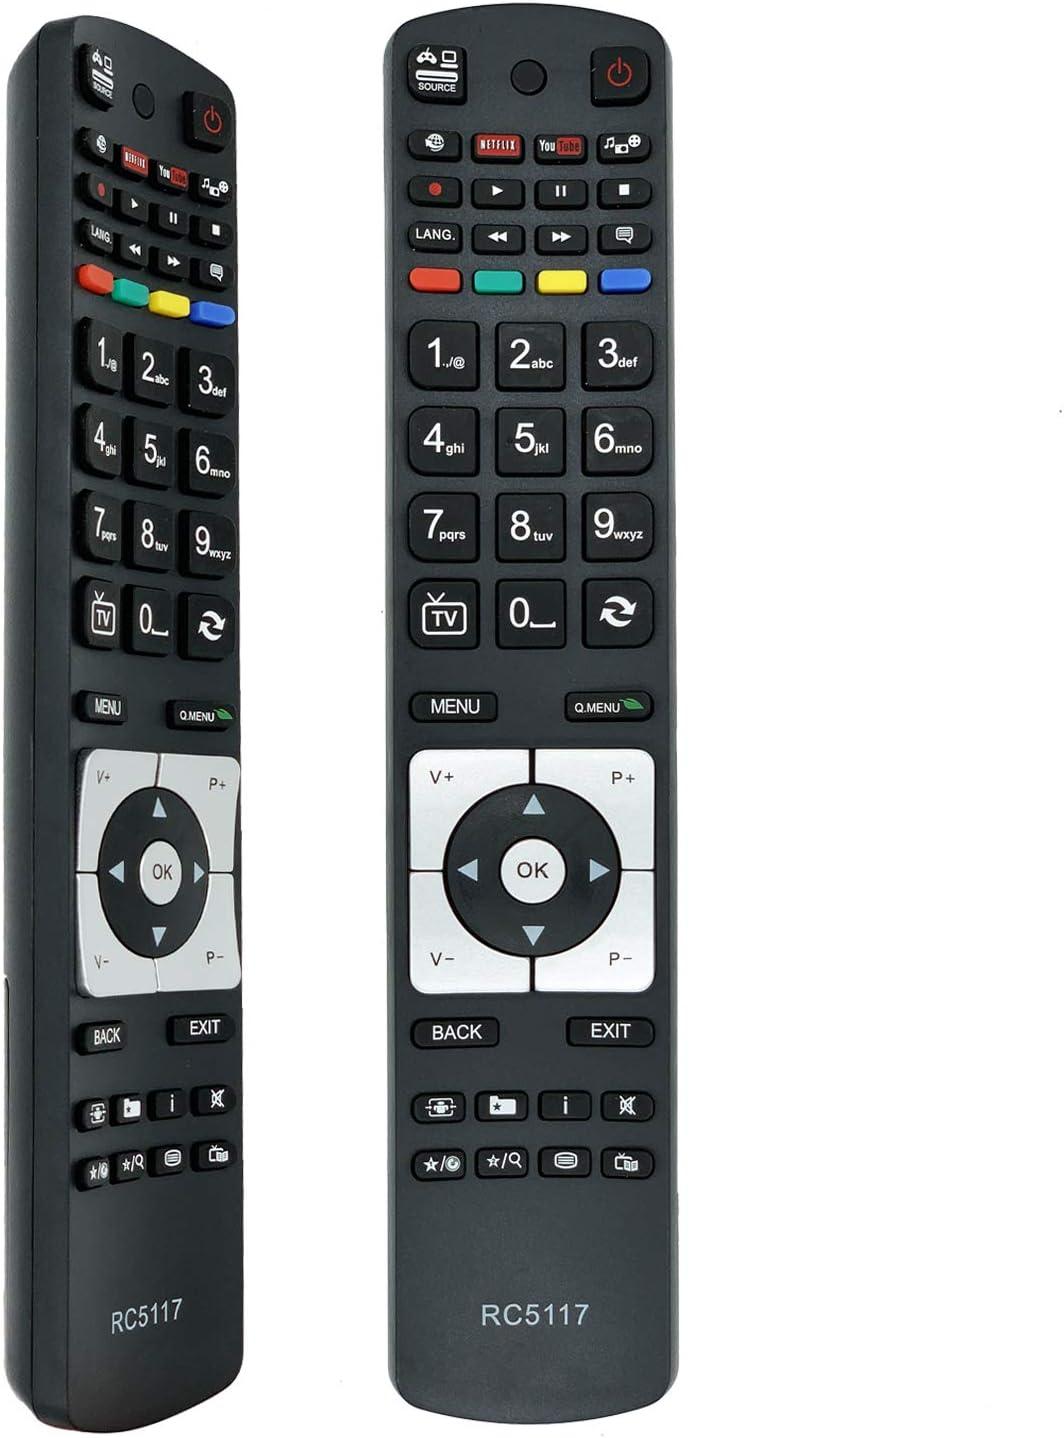 Nuevo Mando a Distancia el Control Remoto del para Hitachi Telefunken TV, No es Necesario configurar un Control Remoto Universal RC5118 RC5117 RC5111: Amazon.es: Electrónica